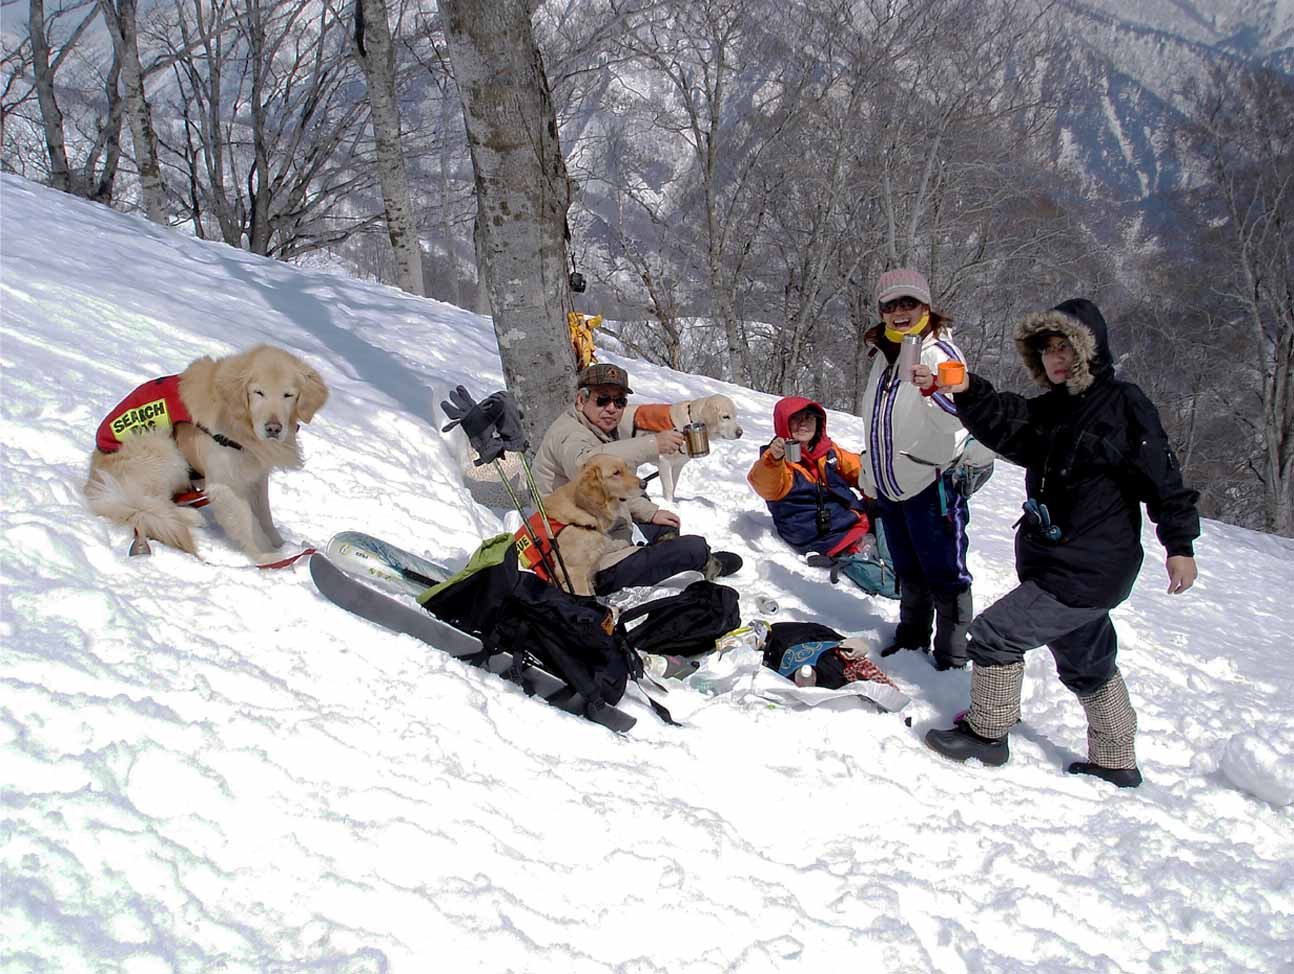 雪中訓練Ⅱ(9) 雪上の至福